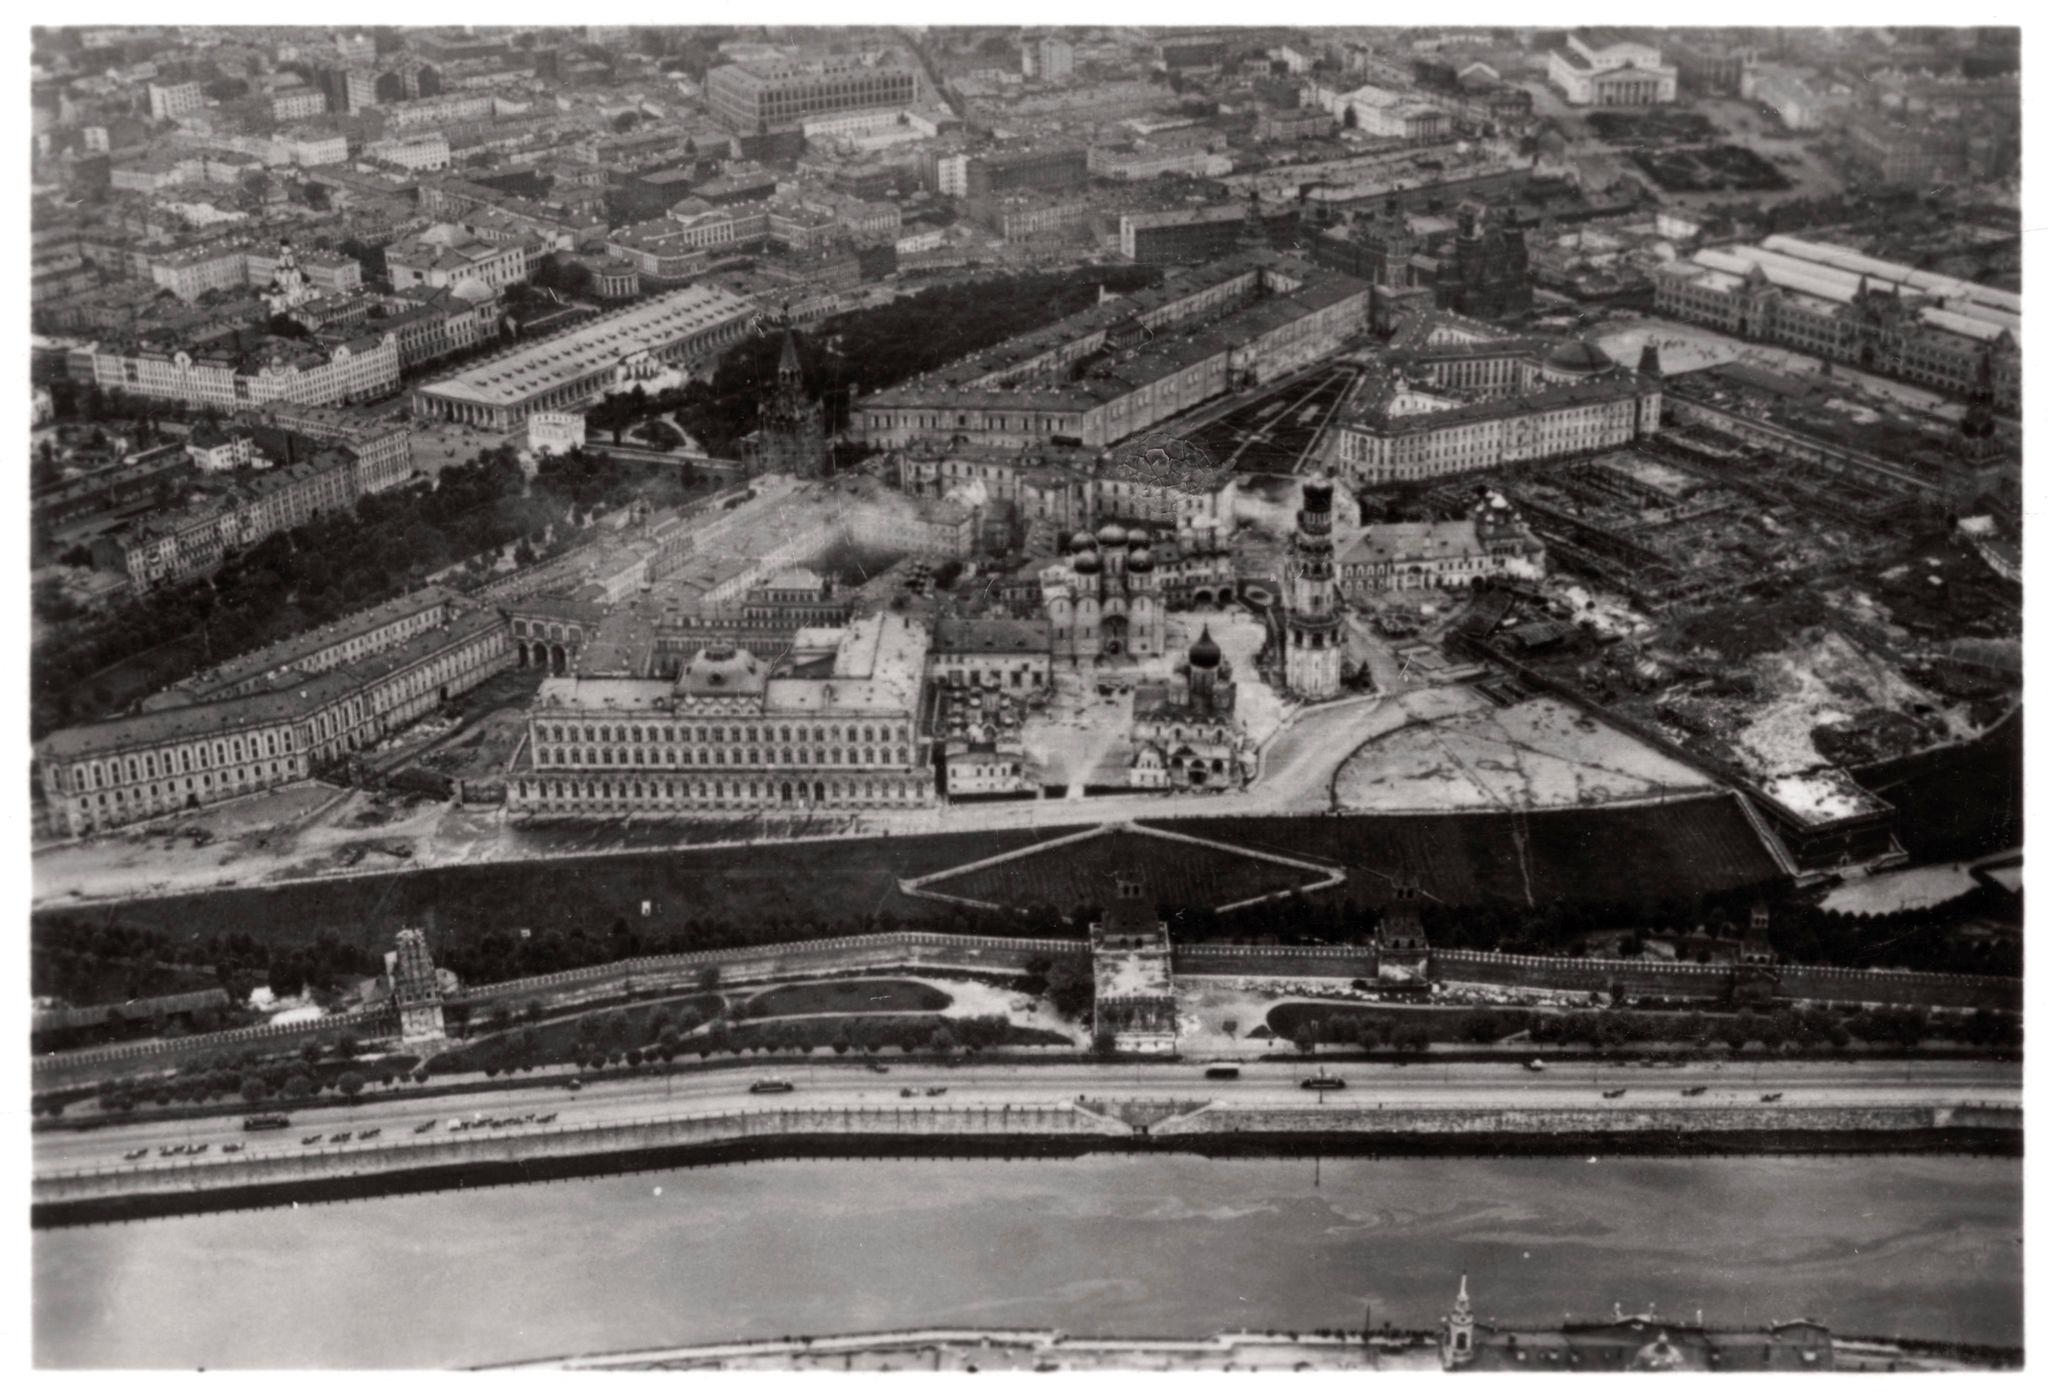 Москва. 10 сентября 1930 года в 9 часов утра с немецкого дирижабля. Кремль